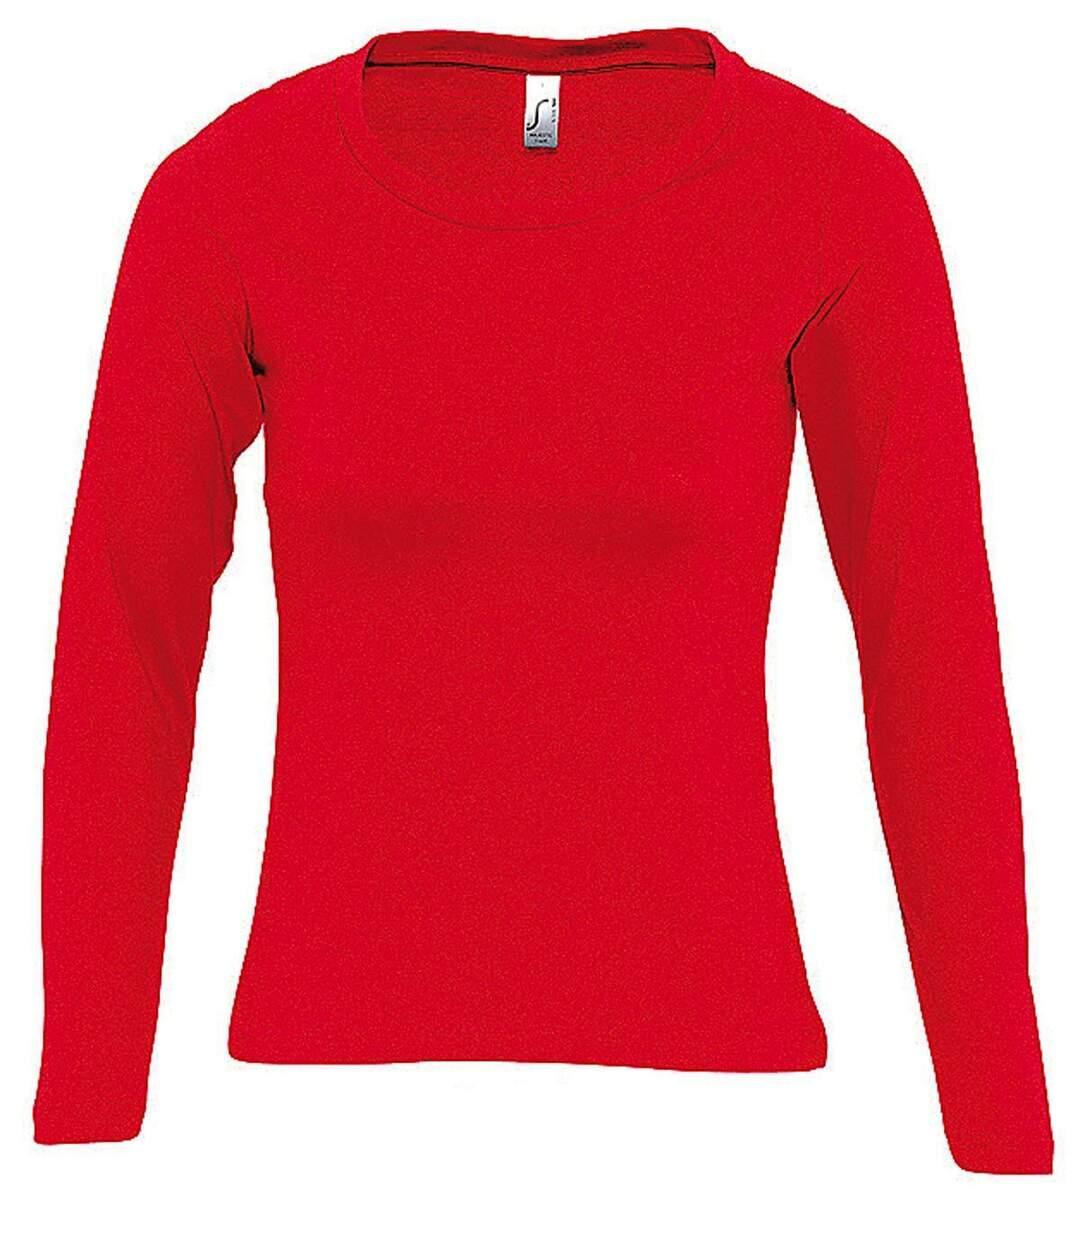 Dégagement T-shirt manches longues FEMME 11425 rouge dsf.d455nksdKLFHG